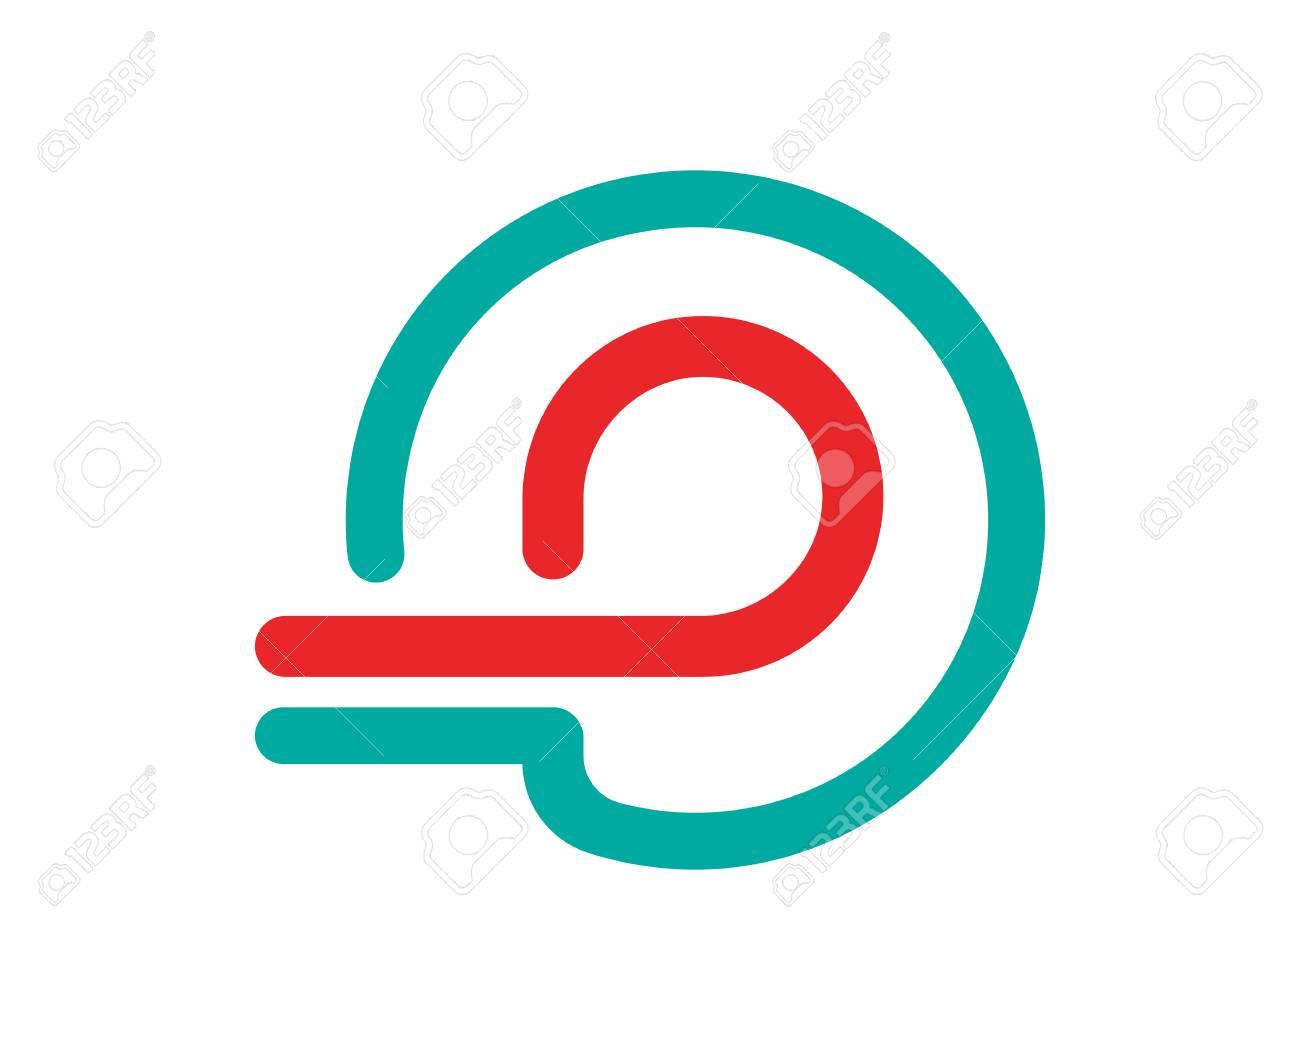 Résumé Arrière Plan Entreprise Nettoyer Couleur Coloré Entreprise Concept Entreprise Créative élément Emblème Plat Police Géométrique